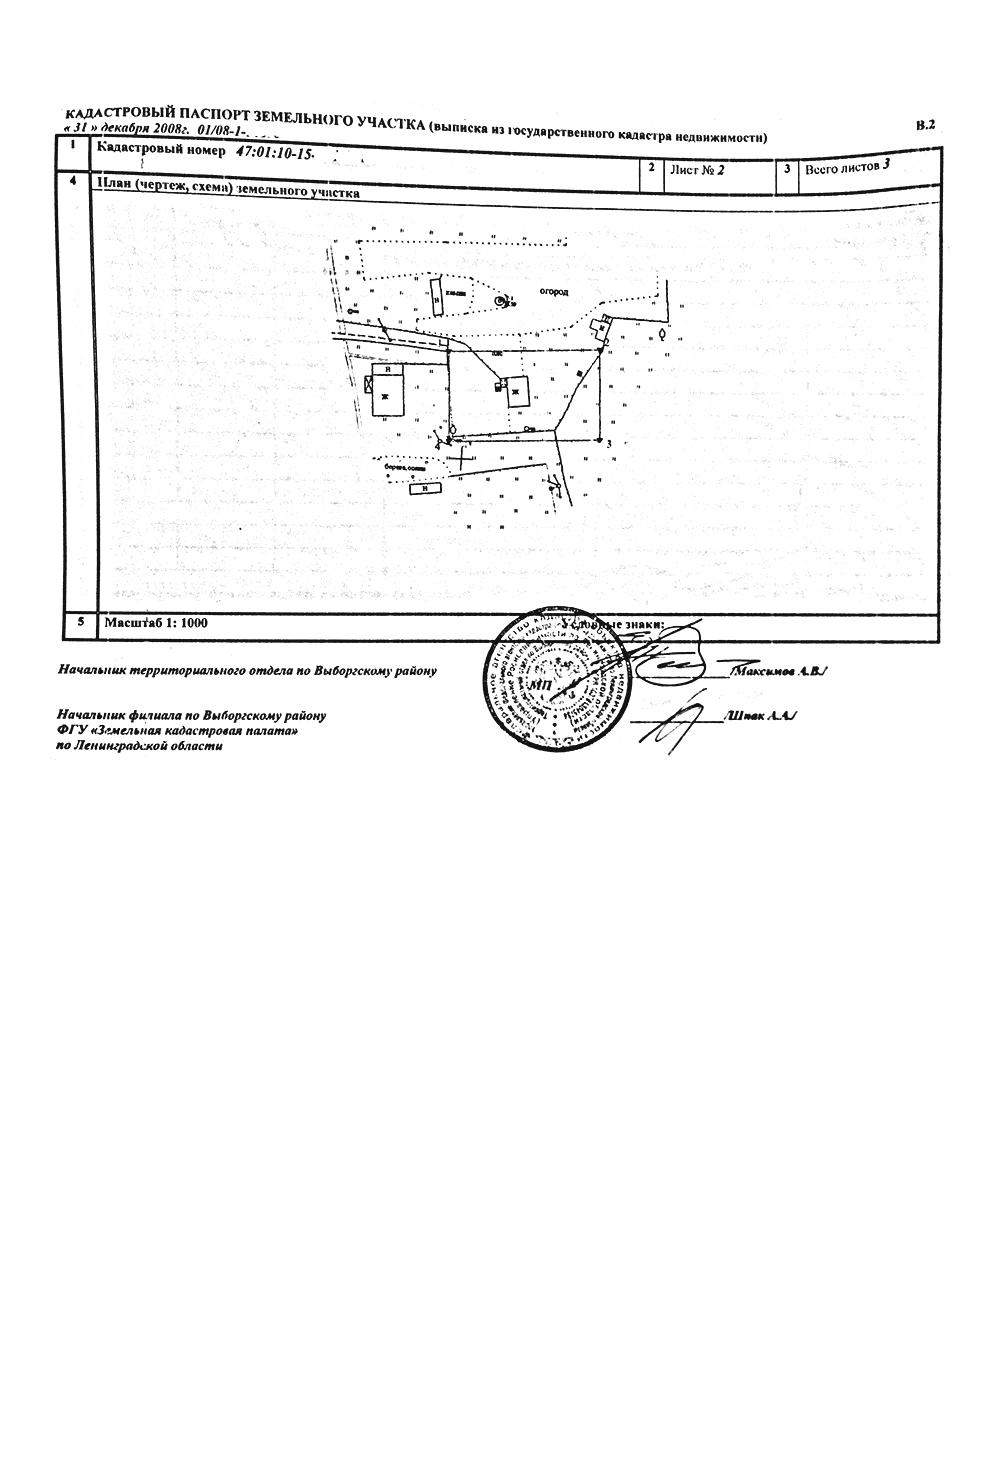 На второй странице есть план участка: видно, как он расположен относительно соседей, на схему нанесены постройки